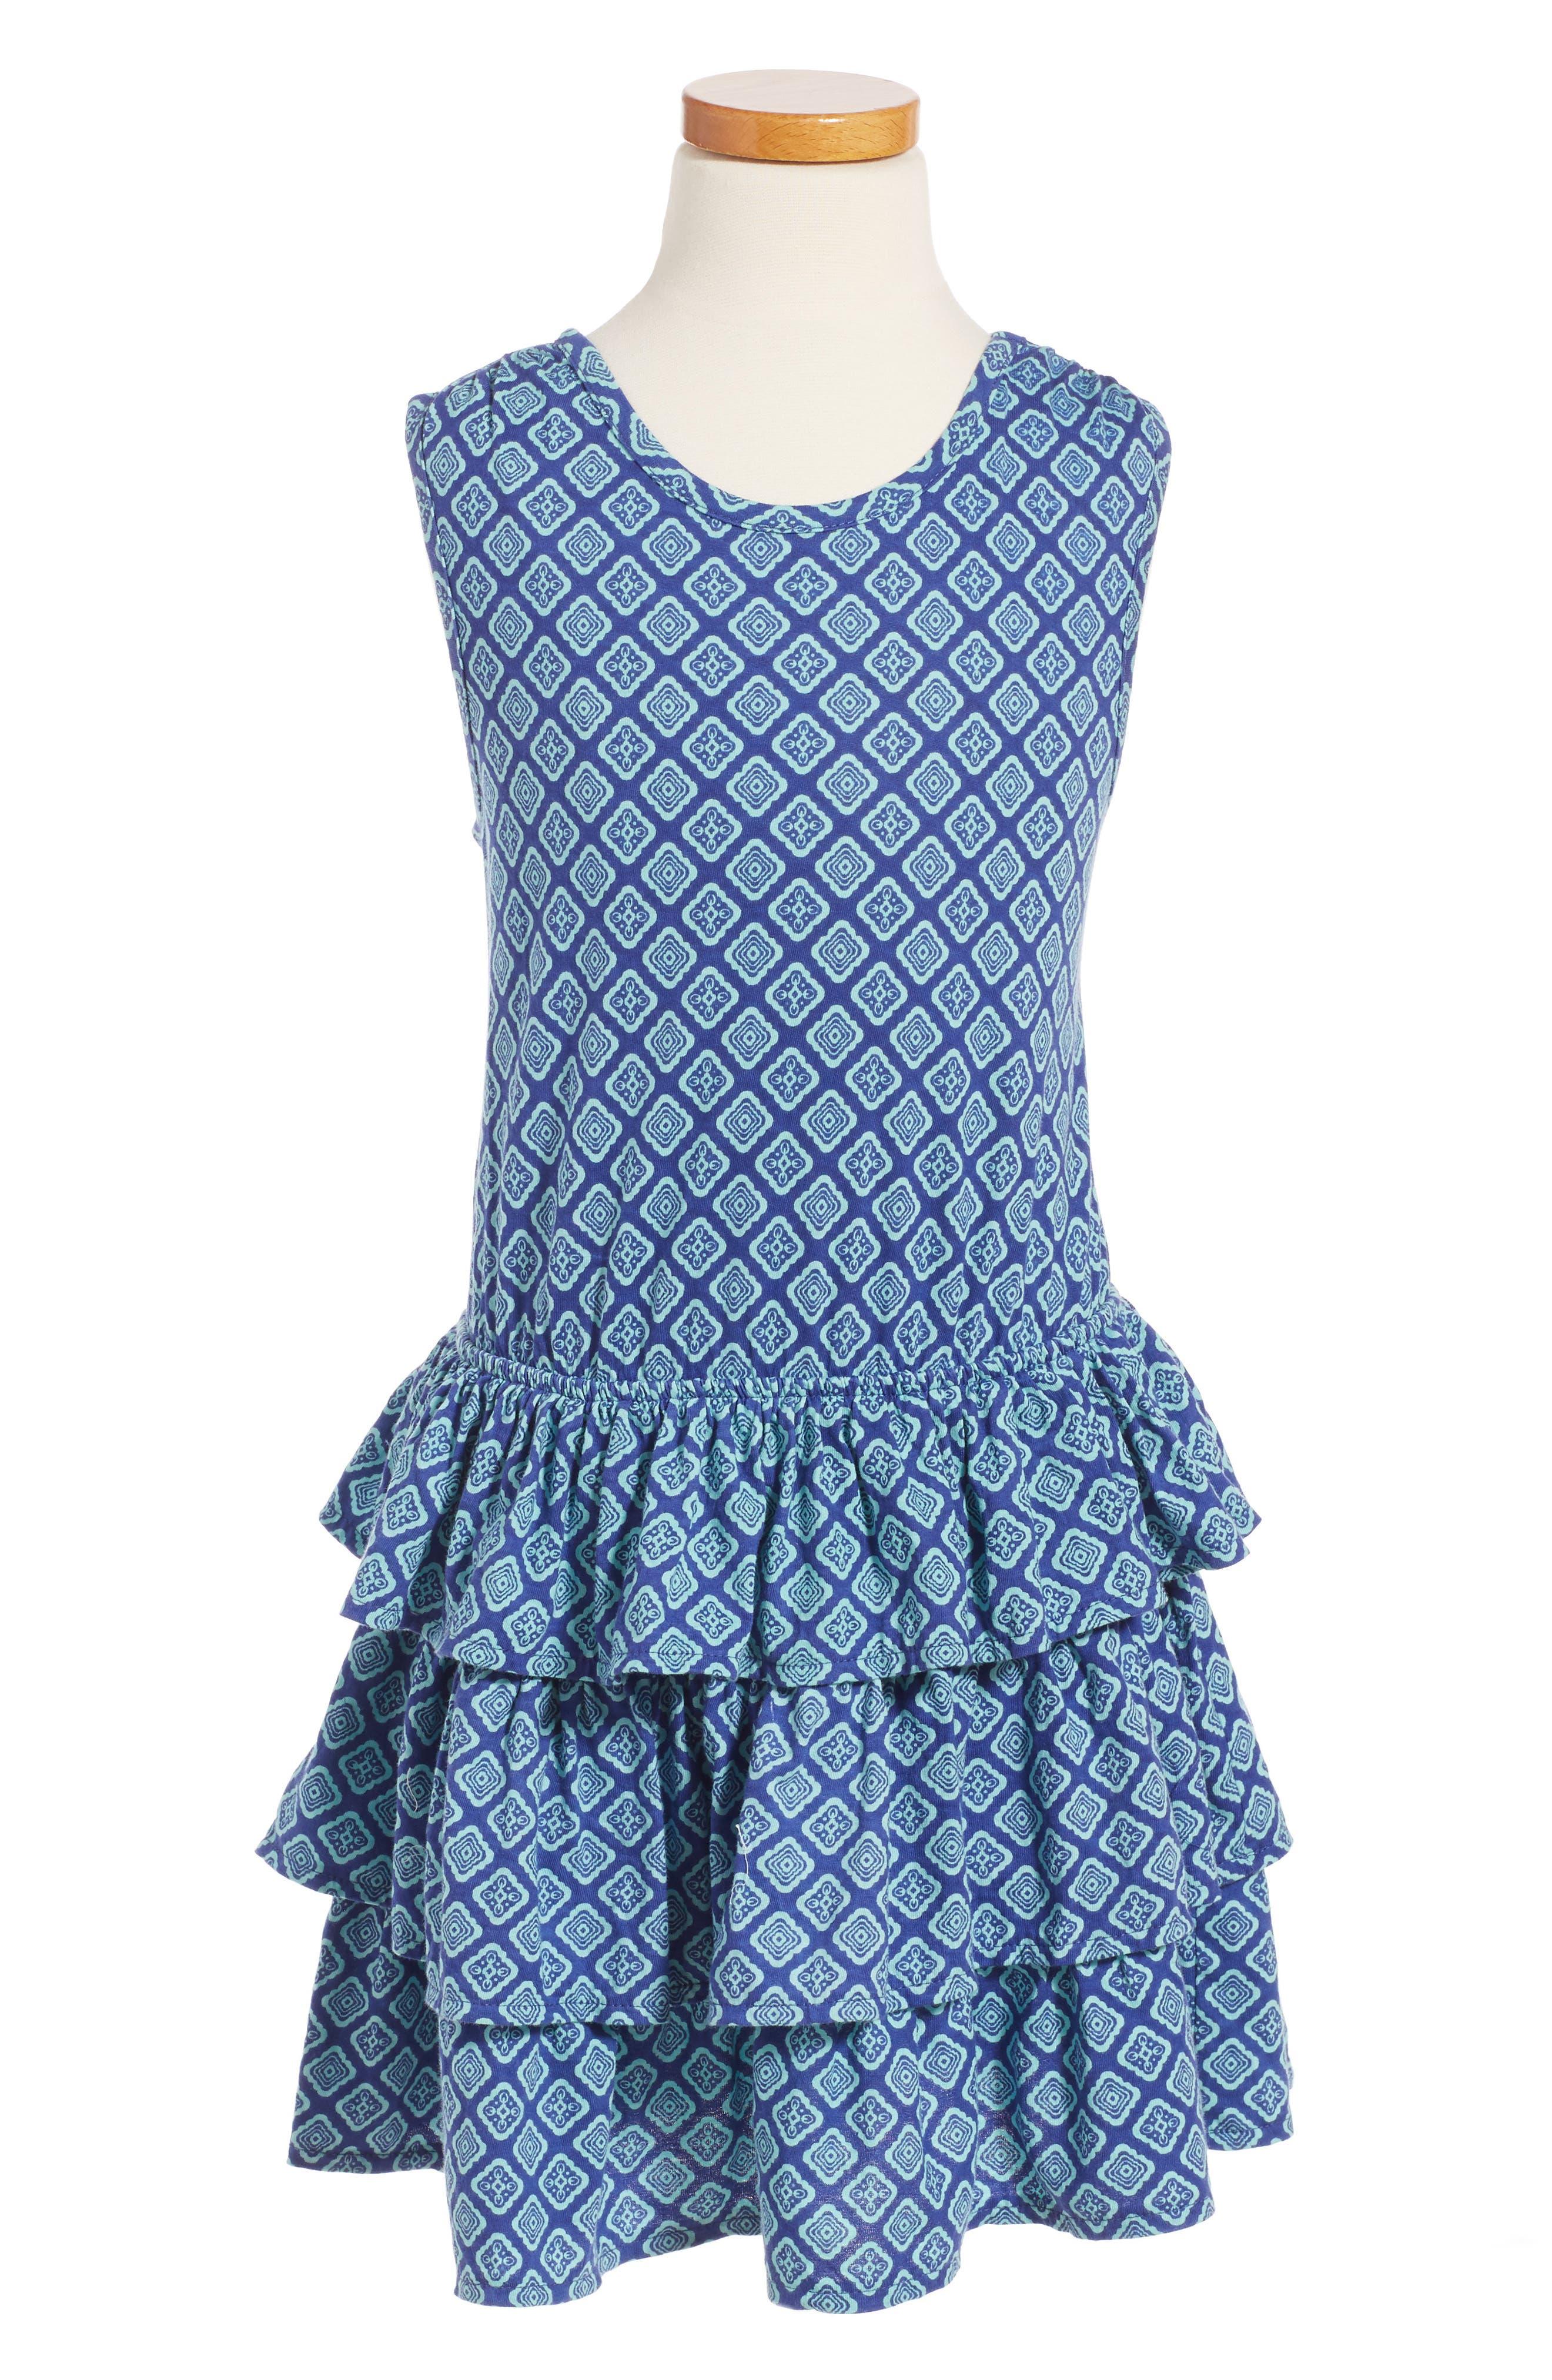 Peek Corin Tiered Ruffle Dress (Toddler Girls, Little Girls & Big Girls)